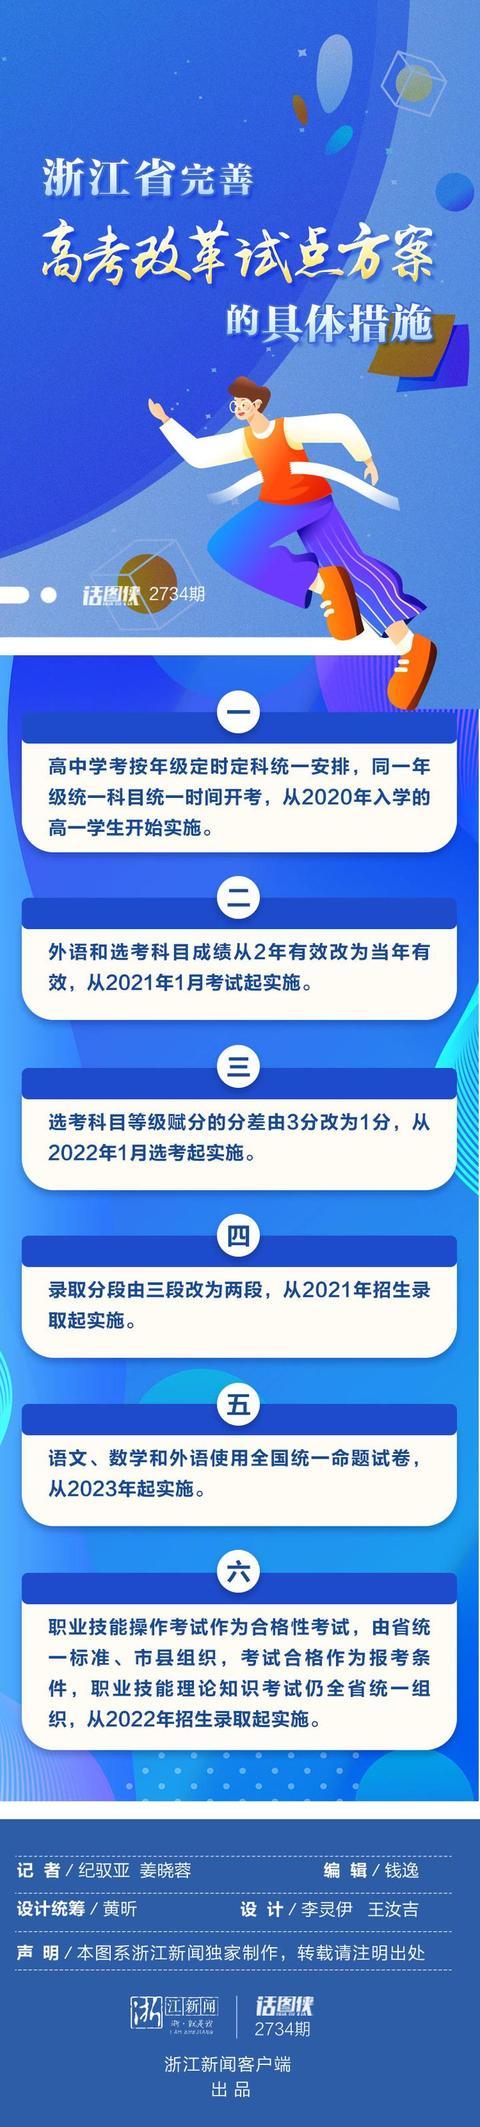 综合改革,浙江高考怎么安排的?